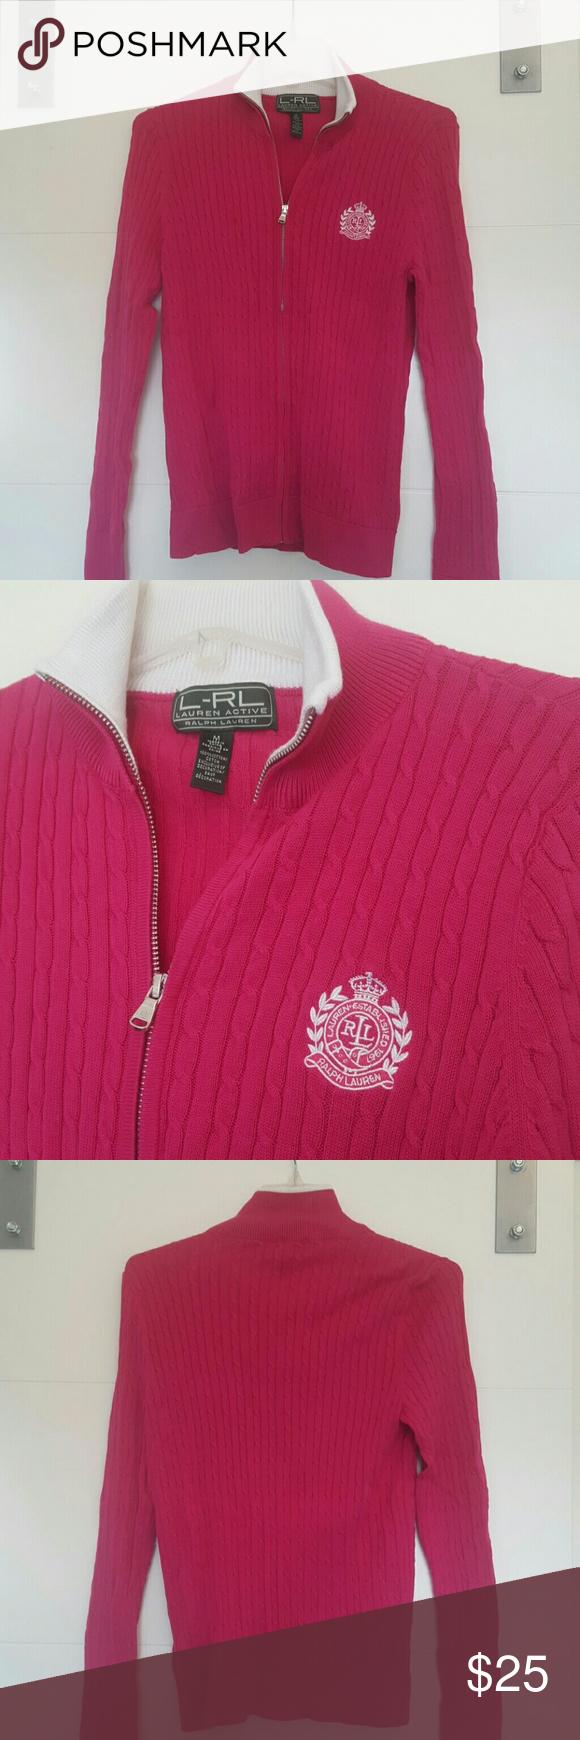 Ralph Lauren Sweater L-RL Lauren Active  100% cotton  44 bust  25 Length  27 sleeve Ralph Lauren Sweaters